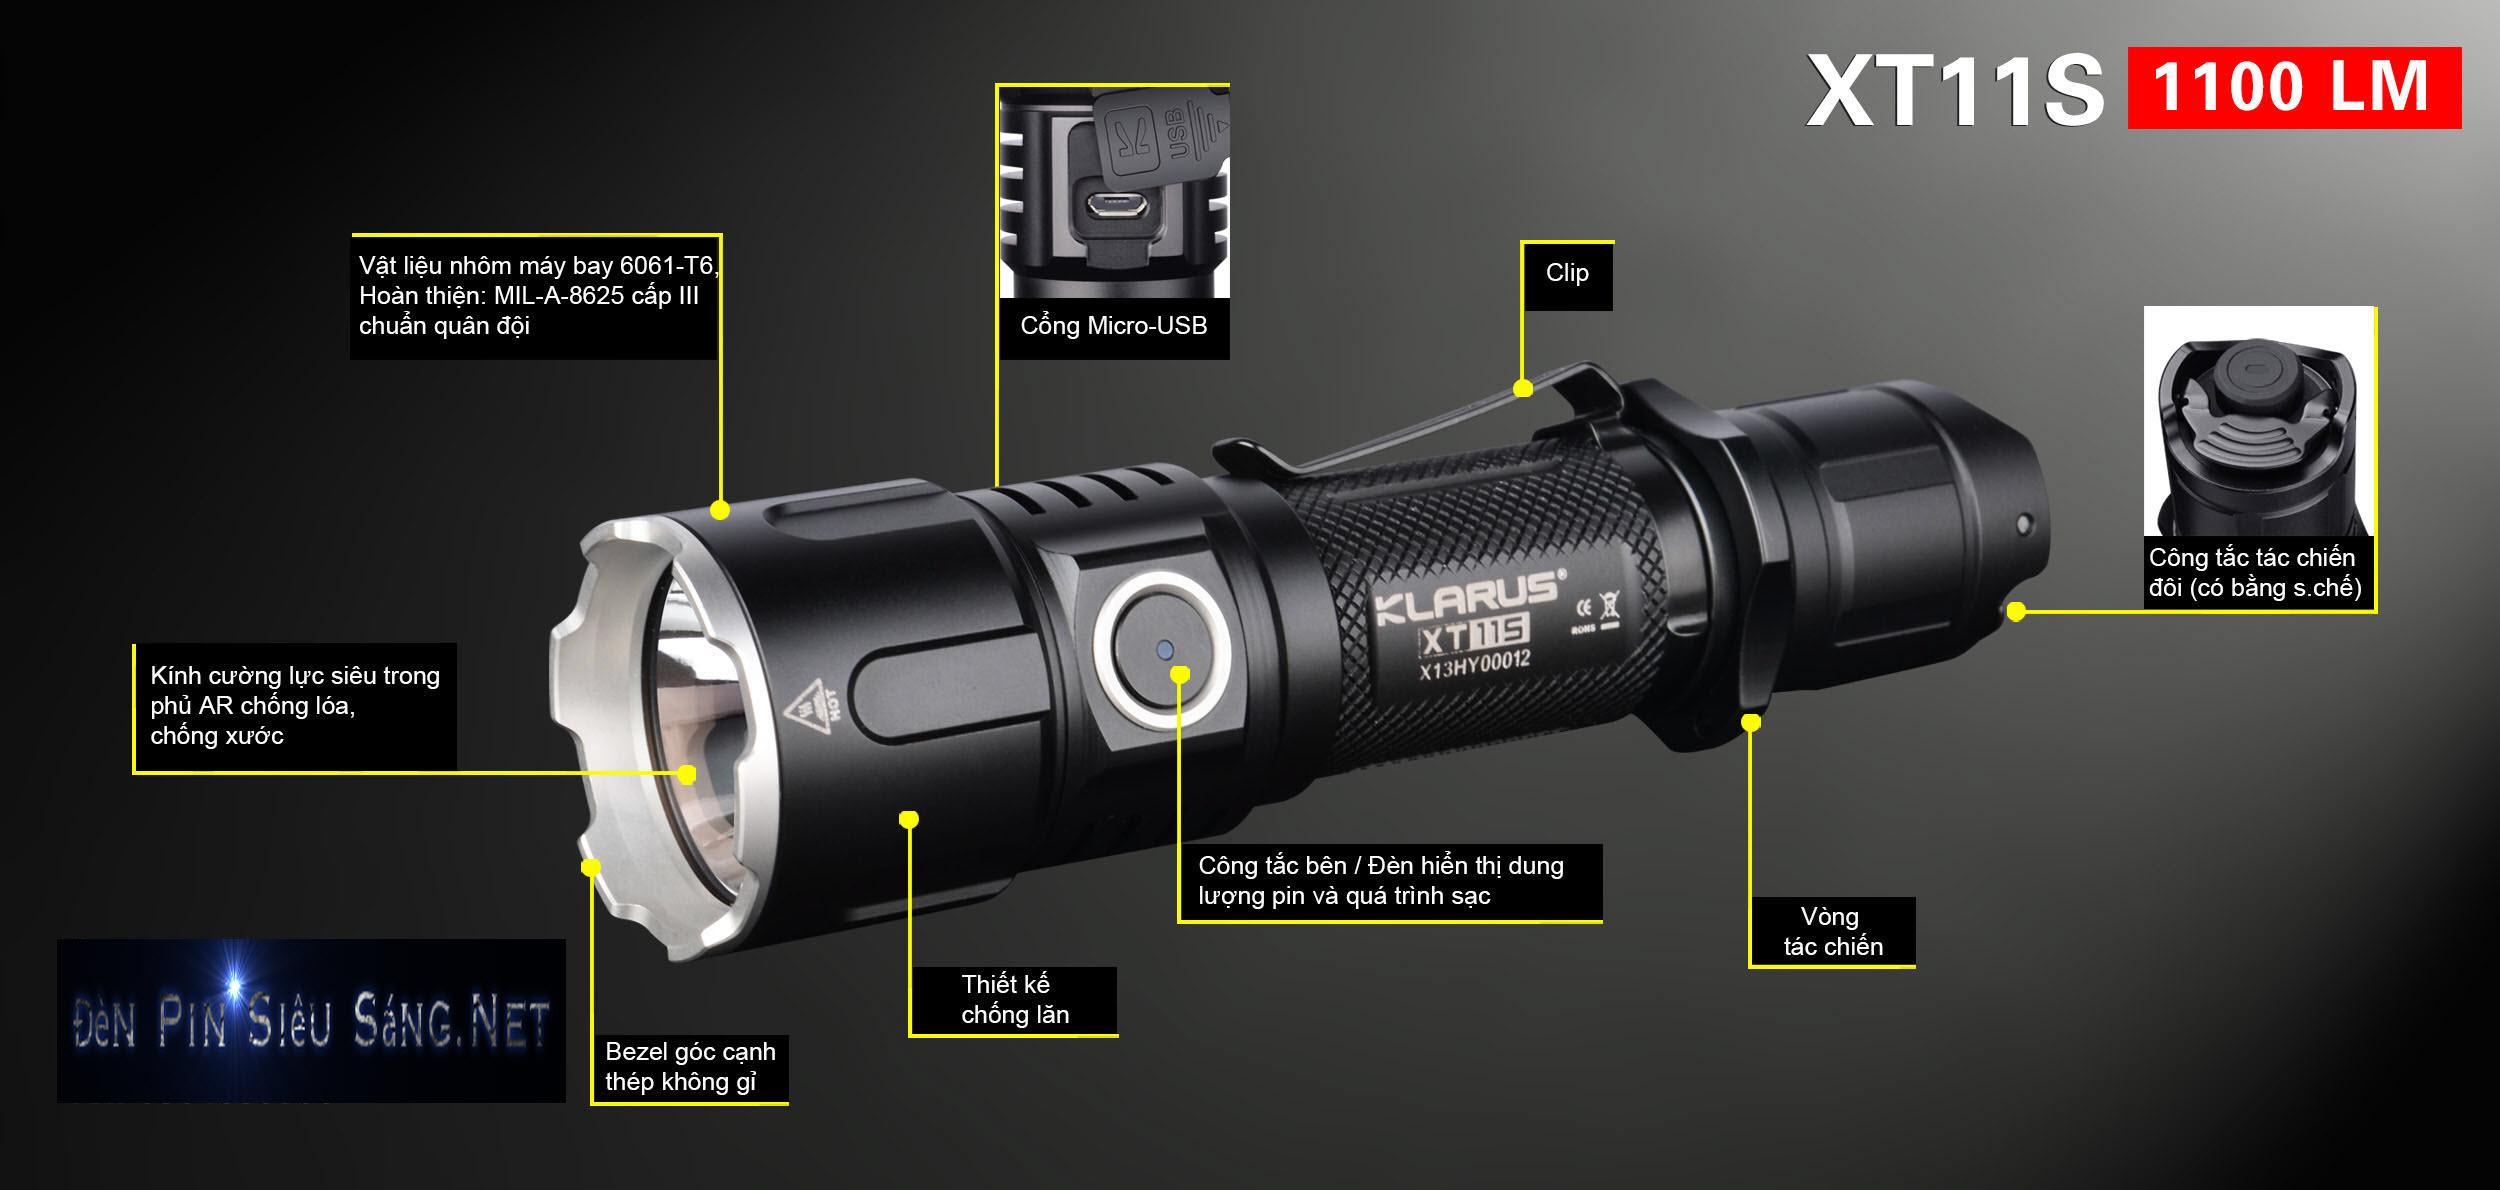 Đèn Pin Tác Chiến  KLARUS XT11S là một trong những đèn pin tác chiến đang được ưa chuộng sử dụng trong các đơn vị đặc nhiệm trên thế giới không chỉ vì độ sáng và chùm tia sáng gom tụ do led XPL HI mang lại mà còn cả thiết kế và tính năng độc đáo mà KLarus hướng tới là một cây đèn Tác Chiến Hoàn Hảo dựa trên trải nghiệm người dùng. Chúng Ta hãy cùng xem những Tính Năng của  KLARUS XT11S xem có đúng như vậy không nhé .  Đèn Pin Tác Chiến KLARUS XT11S 1100Lm Cree XPL HI  Đèn pin tác chiến KLARUS XT11S đã được nâng cấp lên thế hệ thứ 4 siêu nhỏ gọn, nhẹ, nhưng vẫn cực rắn chắc, bền và siêu sáng, và có chức năng sạc trực tiếp trên thân! Sử dụng LED CREE XP-L HI V3, XT11S cho công suất sáng tối đa 1100lm với tầm chiếu lên tới 330m. Đèn Pin Tác Chiến KLARUS XT11S 1100Lm Cree XPL HI  Đèn Pin Tác Chiến KLARUS XT11S 1100Lm Cree XPL HI  Đèn Pin Tác Chiến KLARUS XT11S 1100Lm Cree XPL HI  Đèn Pin Tác Chiến KLARUS XT11S 1100Lm Cree XPL HI  Đèn Pin Tác Chiến KLARUS XT11S 1100Lm Cree XPL HI  Đèn Pin Tác Chiến KLARUS XT11S 1100Lm Cree XPL HI  Đèn Pin Tác Chiến KLARUS XT11S 1100Lm Cree XPL HI  Đèn Pin Tác Chiến KLARUS XT11S 1100Lm Cree XPL HI  Đèn Pin Tác Chiến KLARUS XT11S 1100Lm Cree XPL HI                            Đèn Pin Tác Chiến  KLARUS XT11S là một trong những đèn pin tác chiến đang được ưa chuộng sử dụng trong các đơn vị đặc nhiệm trên thế giới không chỉ vì độ sáng và chùm tia sáng gom tụ do led XPL HI mang lại mà còn cả thiết kế và tính năng độc đáo mà KLarus hướng tới là một cây đèn Tác Chiến Hoàn Hảo dựa trên trải nghiệm người dùng. Chúng Ta hãy cùng xem những Tính Năng của  KLARUS XT11S xem có đúng như vậy không nhé .